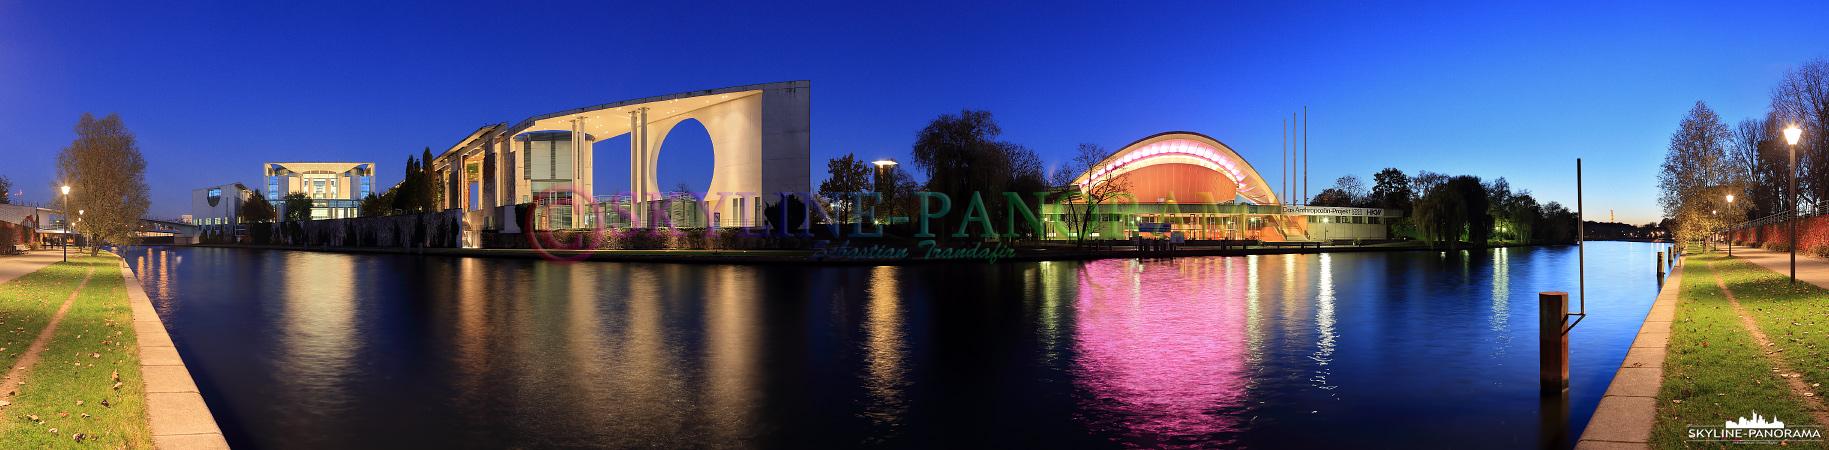 Bilder Berlin – Panorama aus der Bundesdeutschen Hauptstadt Berlin mit einem abendlichen Blick auf das Bundeskanzleramt und das Haus der Kulturen der Welt vom Magnus-Hirschfeld-Ufer an der Spree gesehen.